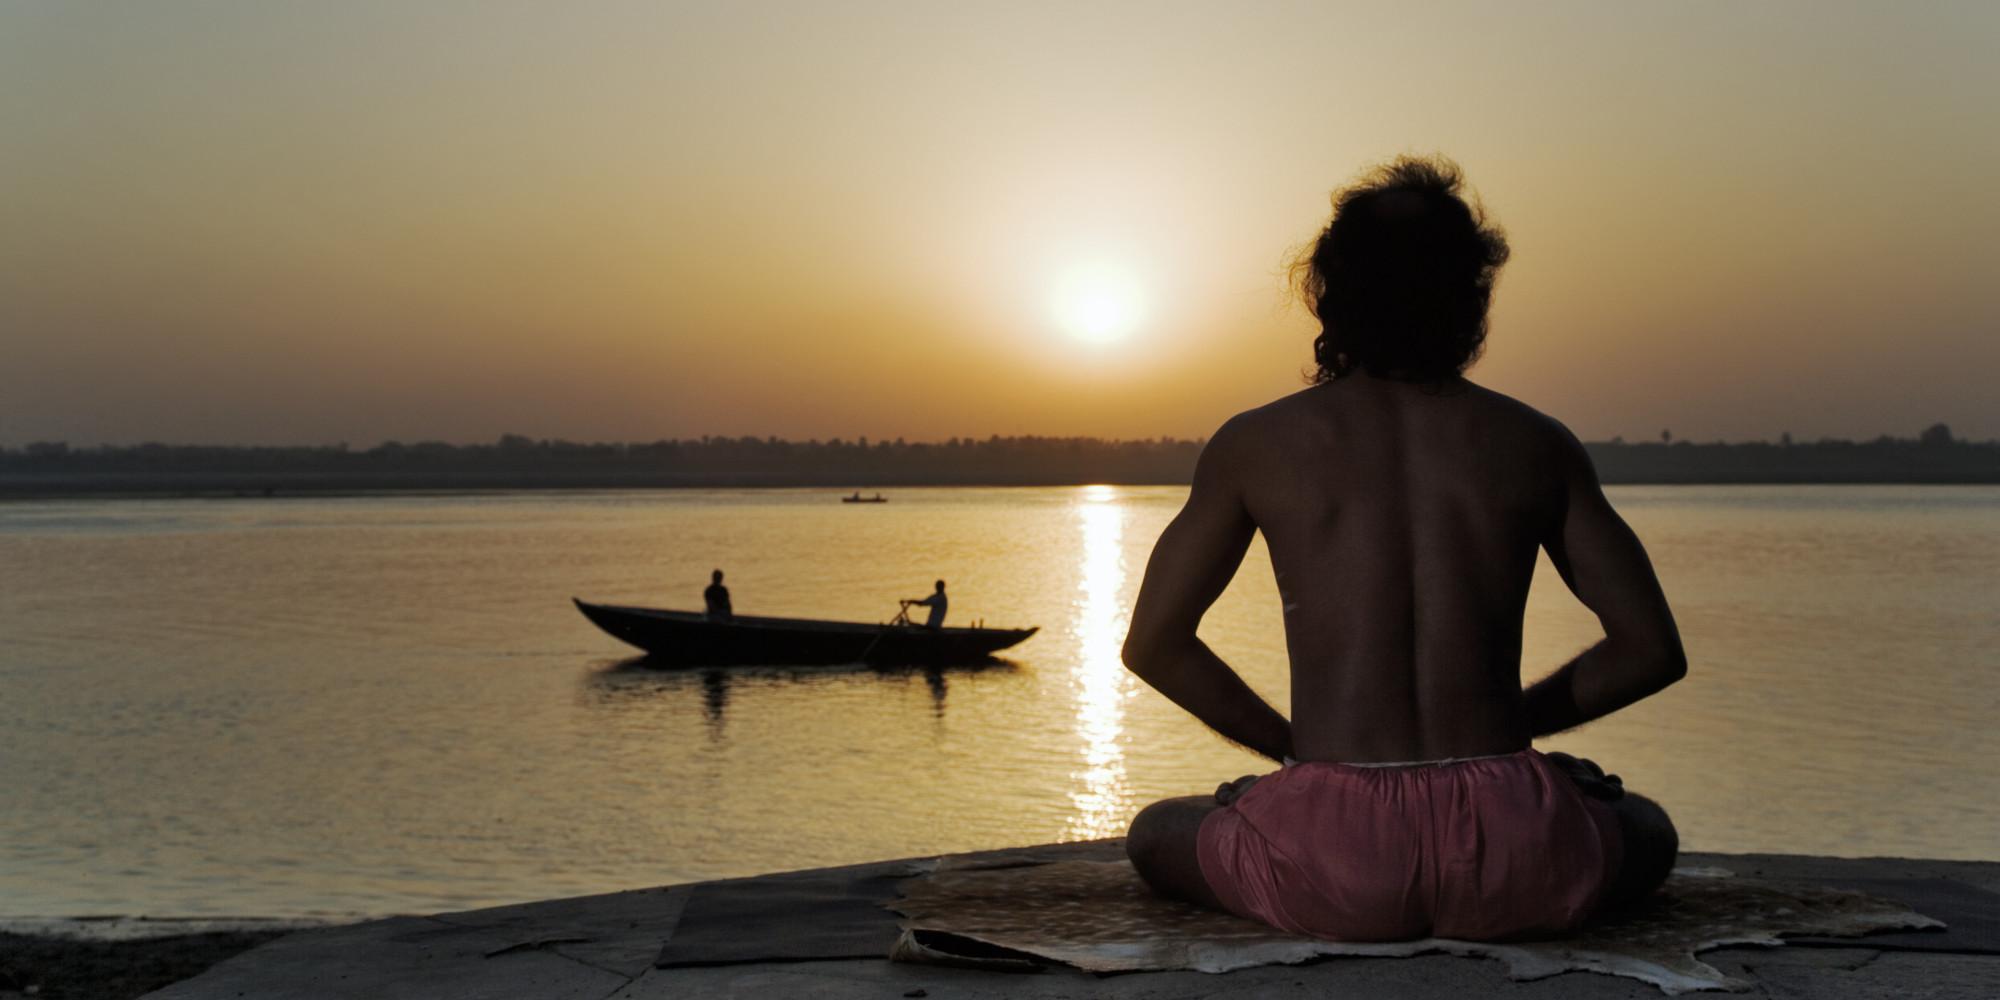 Study philosophy in india